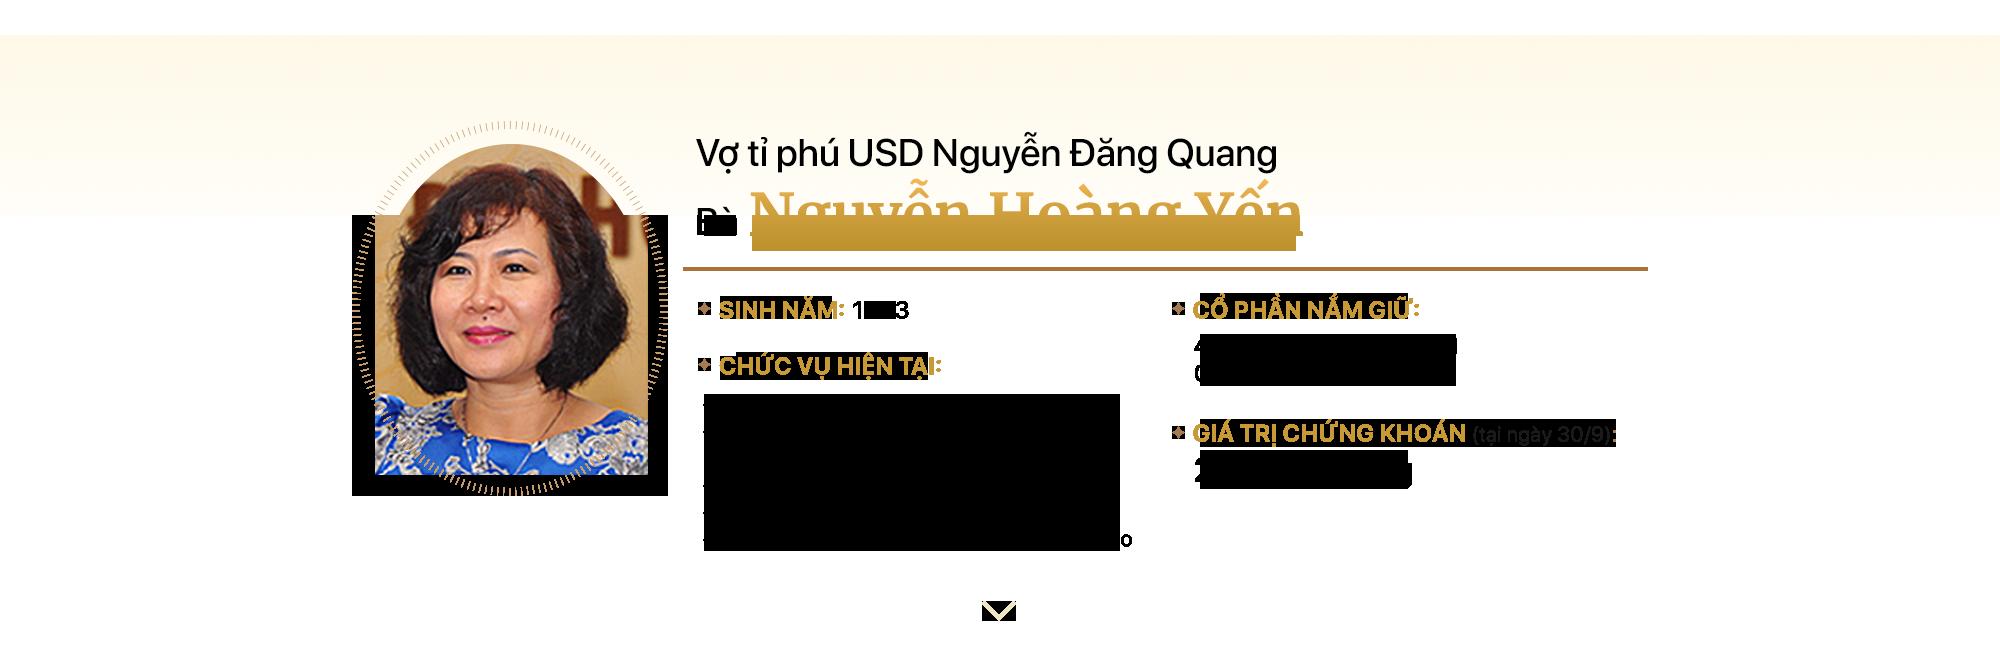 TOP10 NỮ DOANH NHÂN SỞ HỮU HÀNG TRIỆU USD CỔ PHIẾU TRÊN TTCK VIỆT NAM - Ảnh 5.